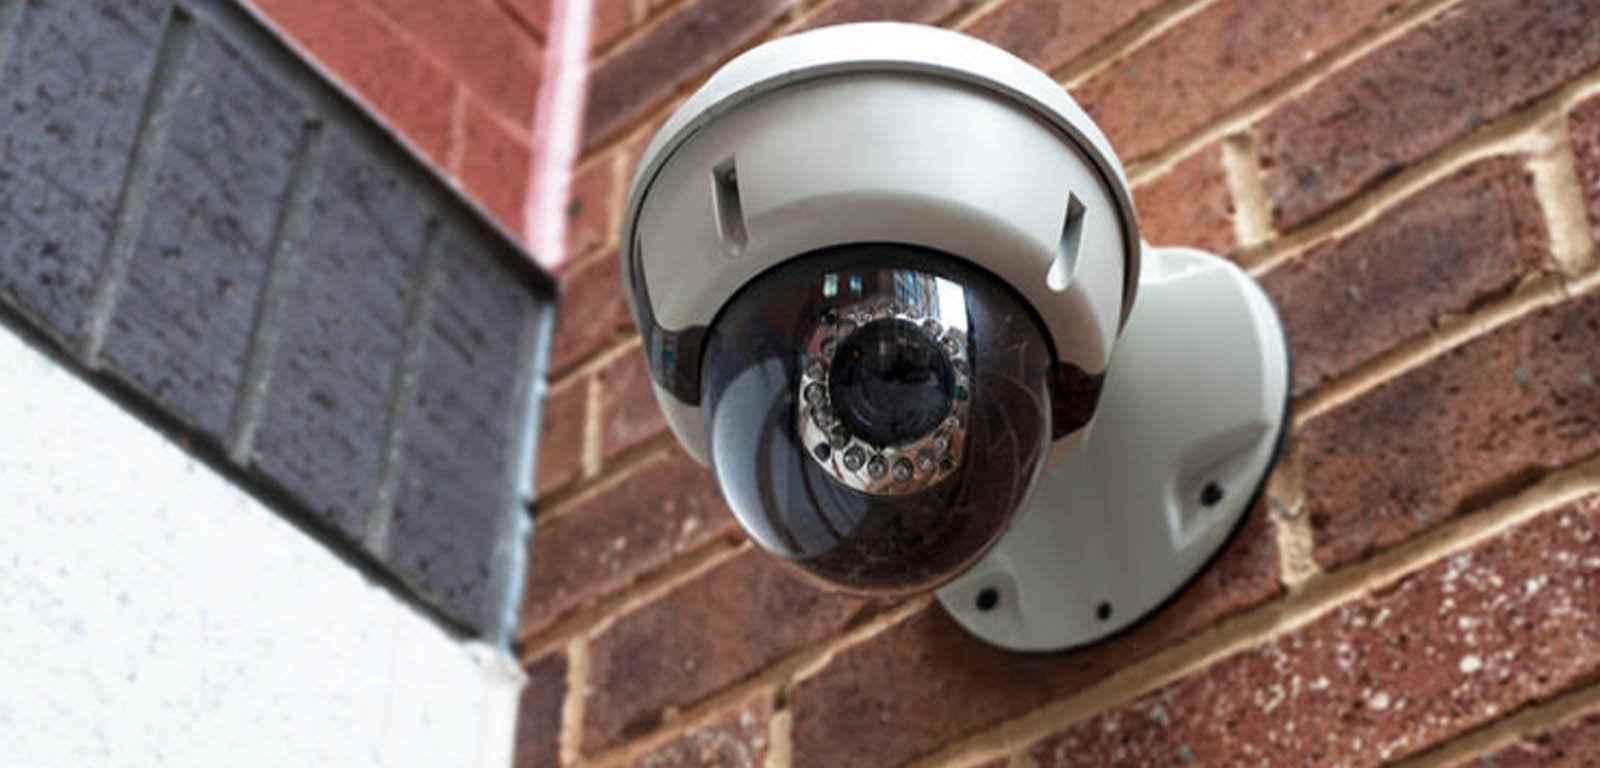 v 2 - Güvenlik Sistemlerinin Temel Özellikleri Nelerdir?